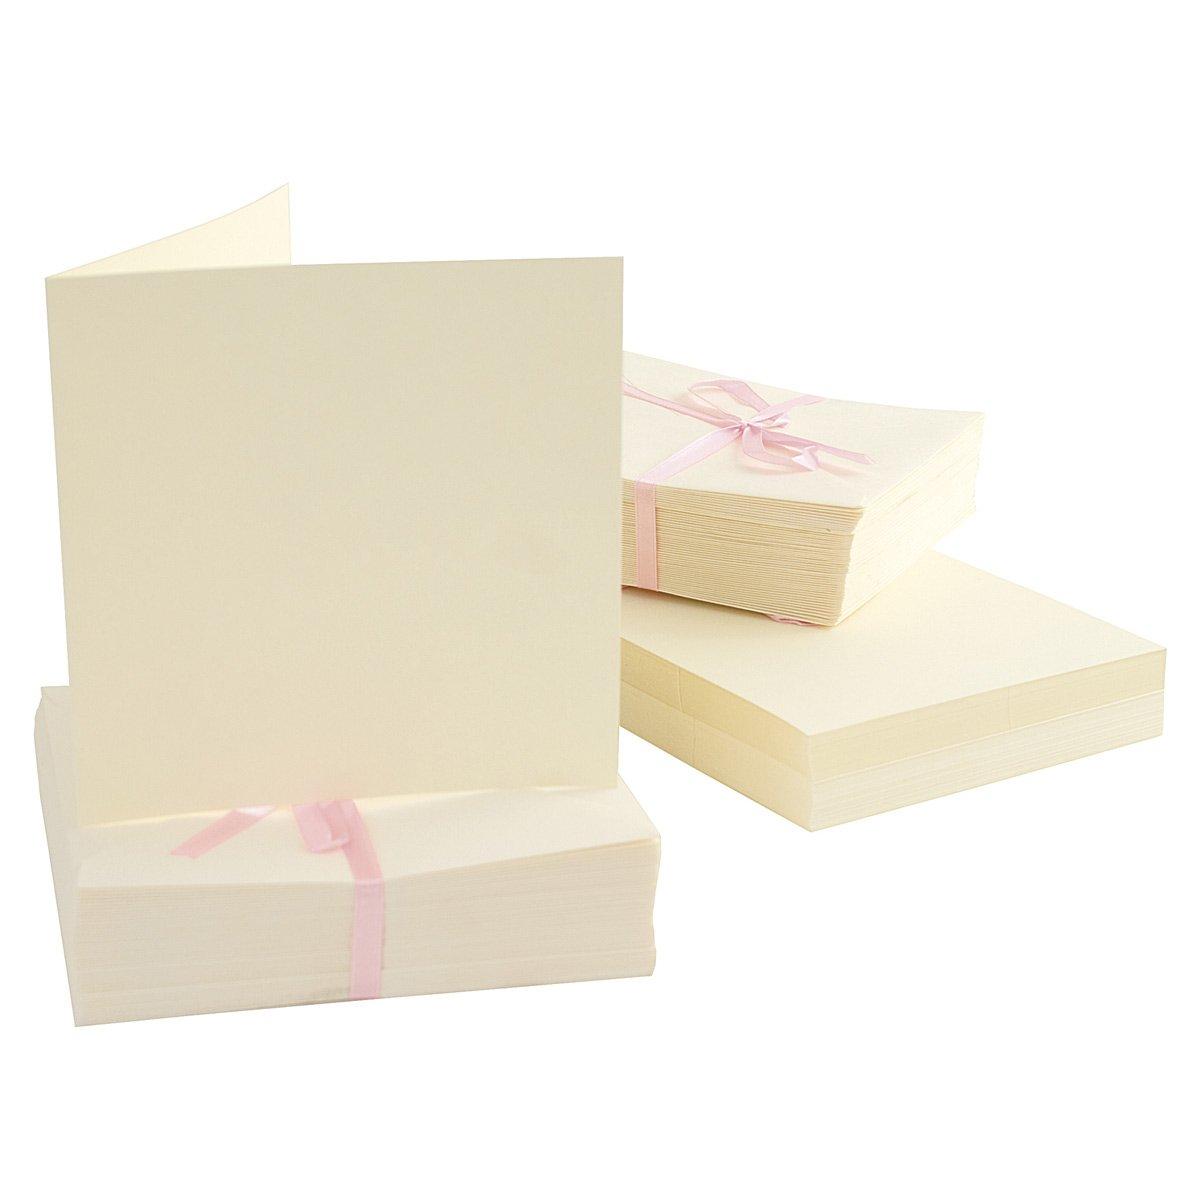 Anitas Docrafts - Paquete de 100 tarjetas A6 (135 x 135 mm), crema